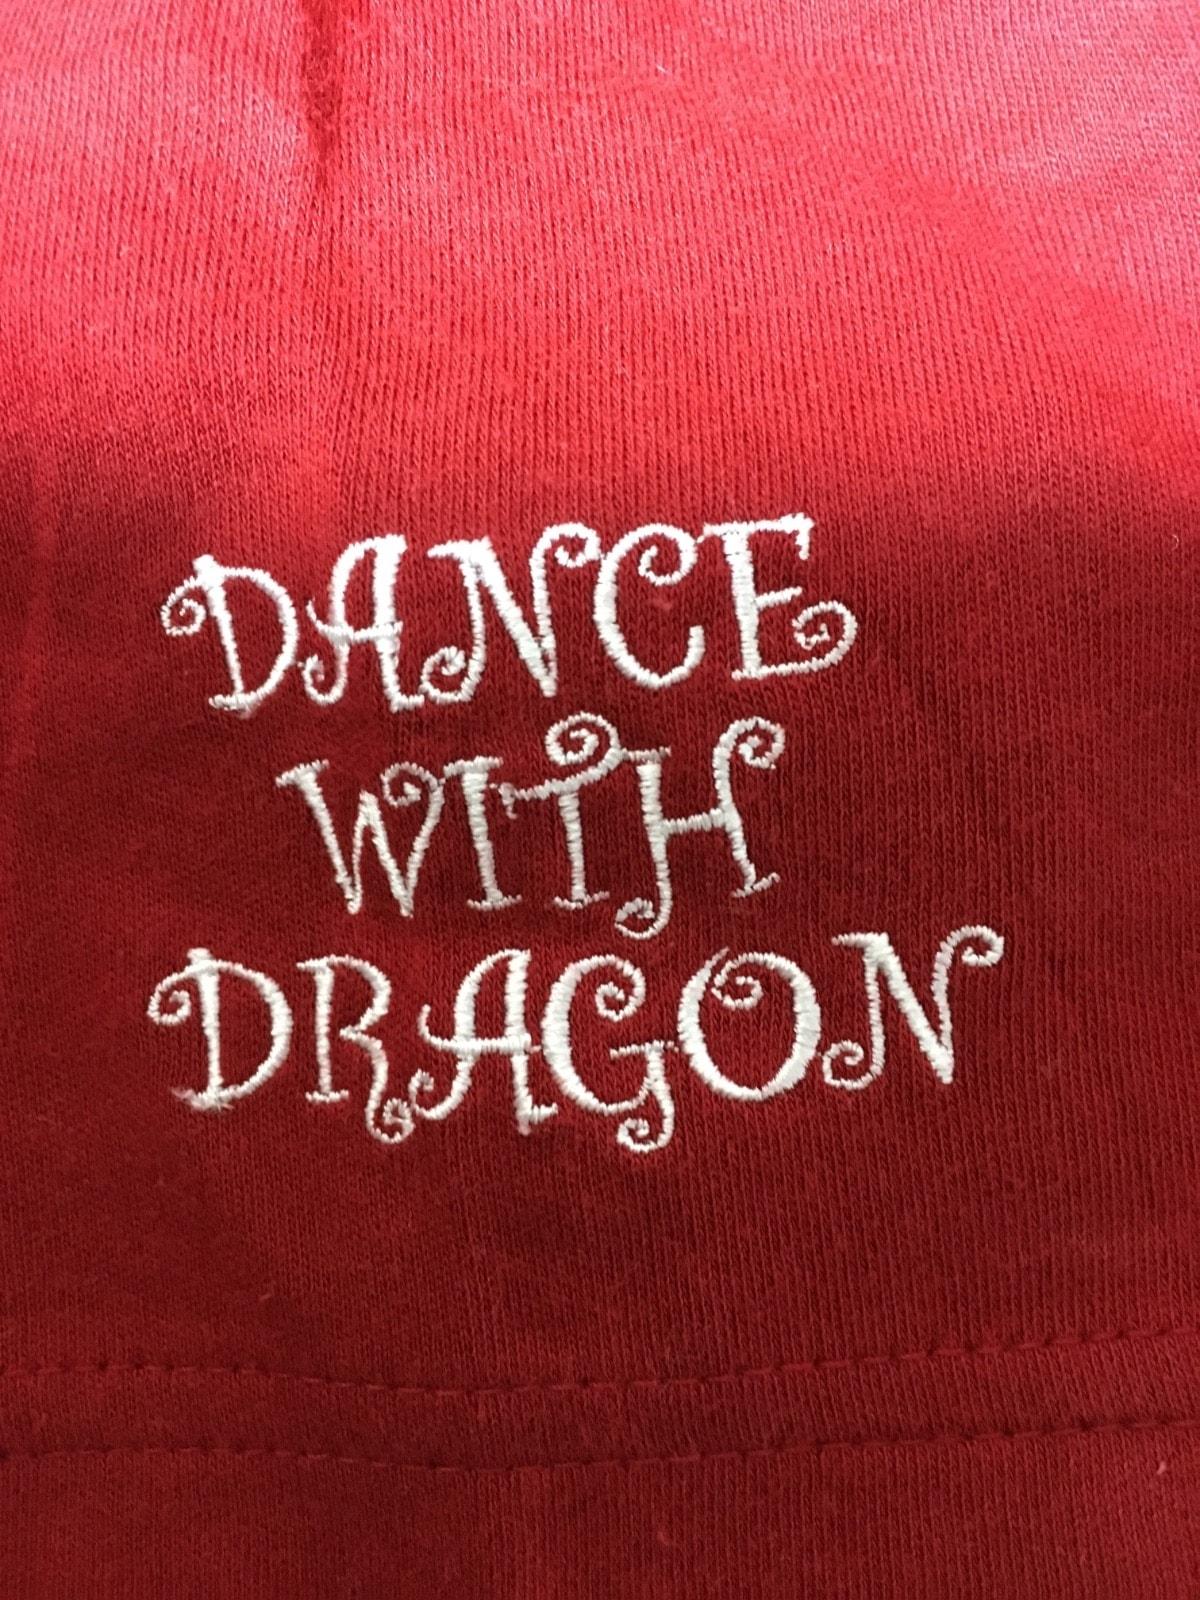 DANCE WITH DRAGON(ダンスウィズドラゴン)のカットソー